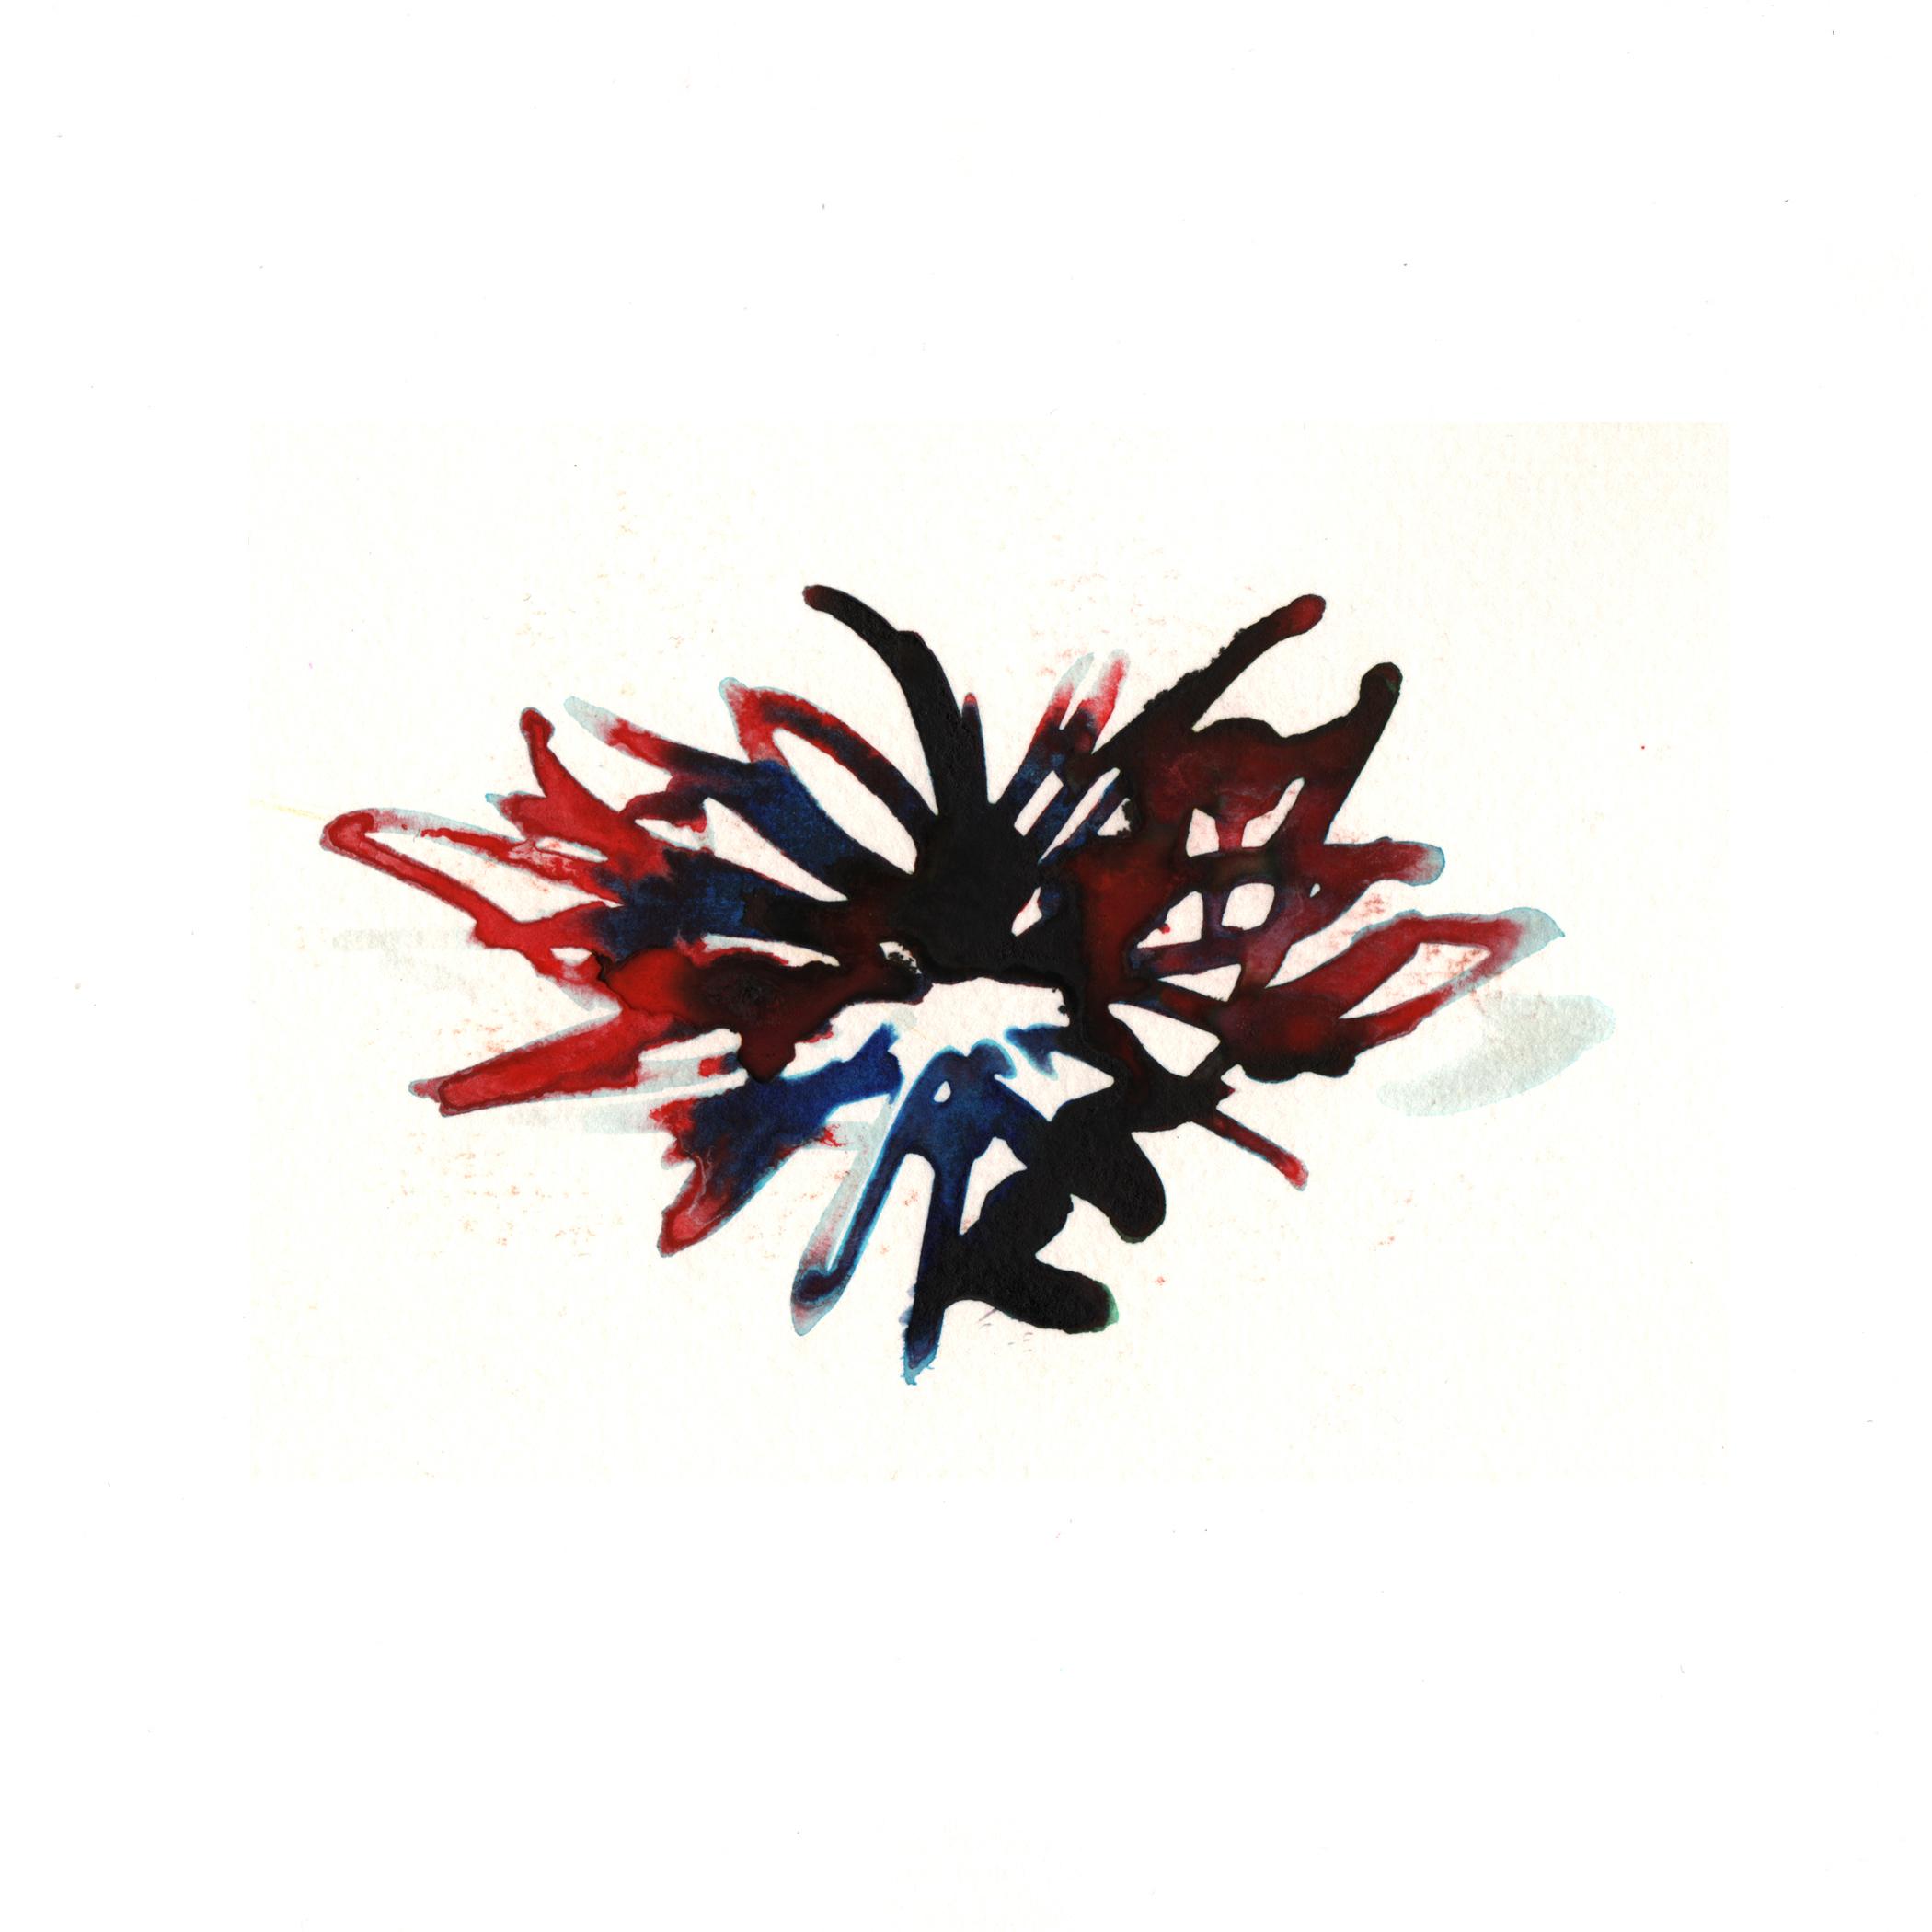 51.Narsissus.3.31.14.jpg